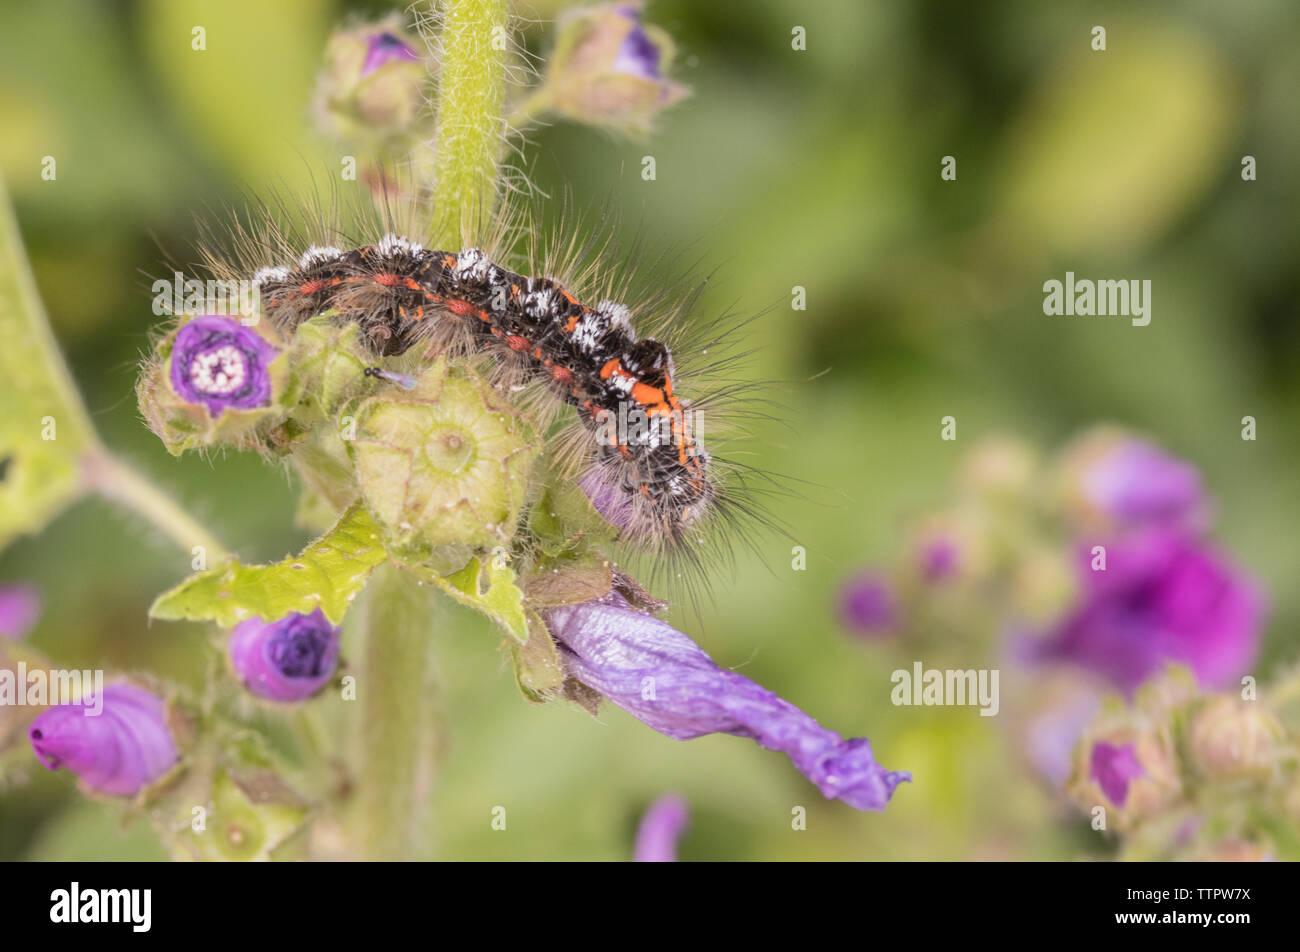 Gelb - Schwanz Mottenlarven, Gelb-tail Caterpillar, Yellow Tail Motte, Caterpillar, Wildlife im Frühjahr in einem britischen Hecke Stockbild